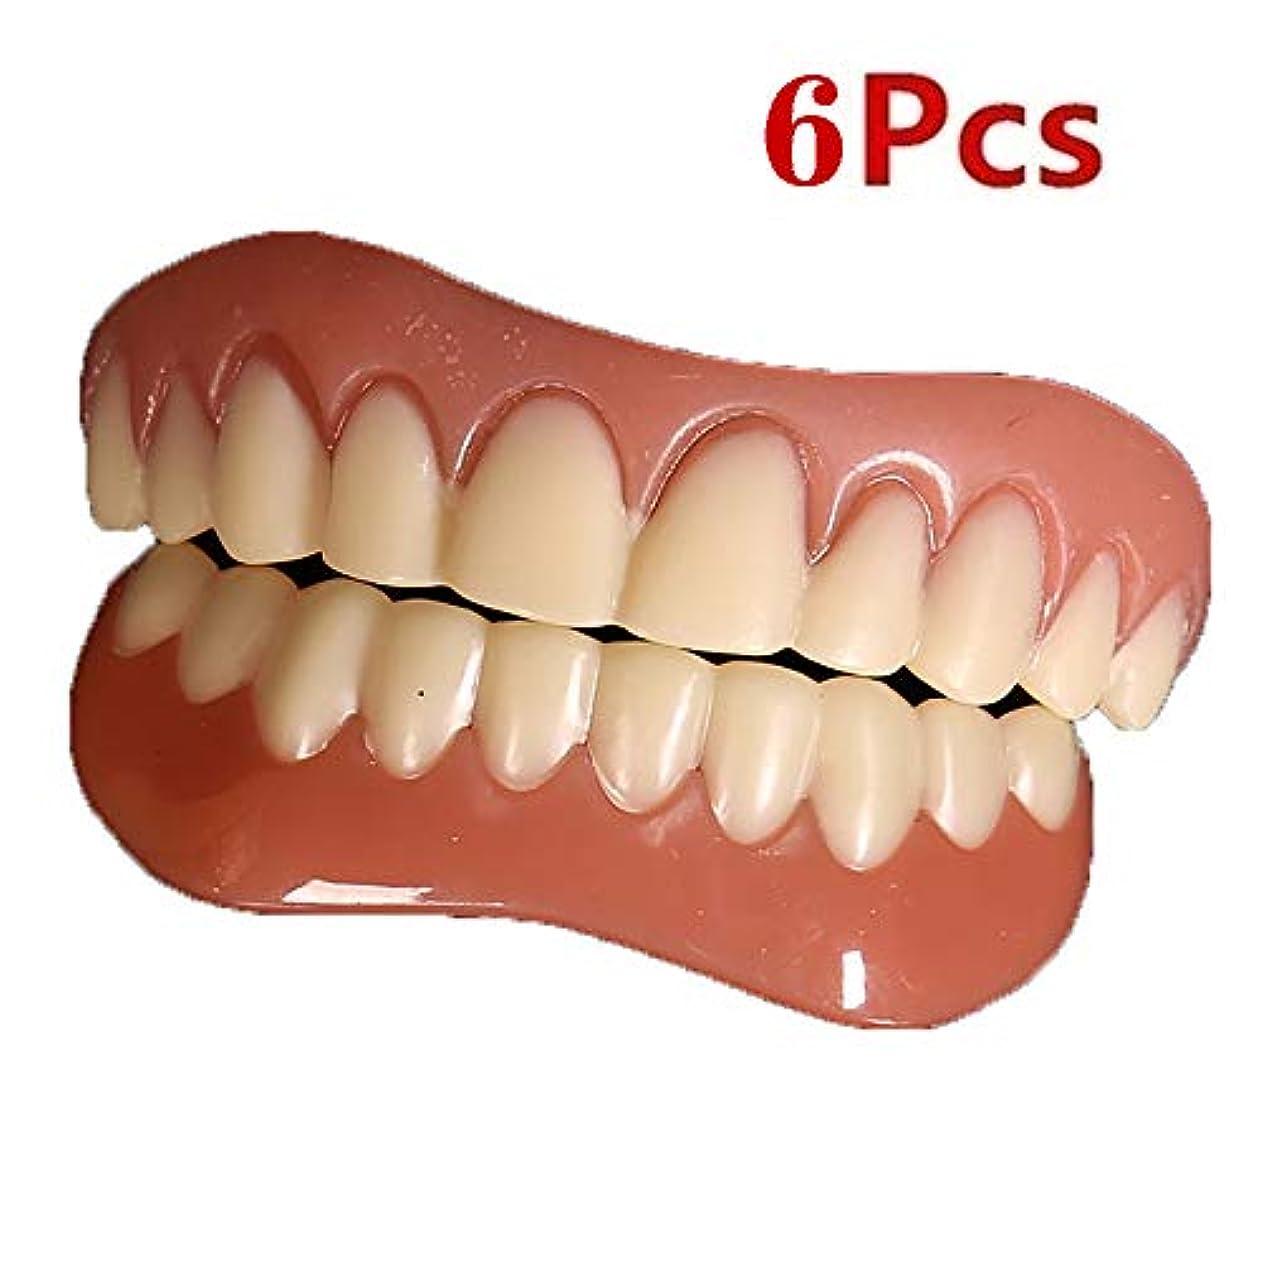 不透明なエミュレーション肌即時の微笑の歯の上部のより低いベニヤの慰めの適合の歯のベニヤ、歯科ベニヤの慰めの適合の歯の上の化粧品のベニヤワンサイズはすべての義歯の接着剤の歯に入れます